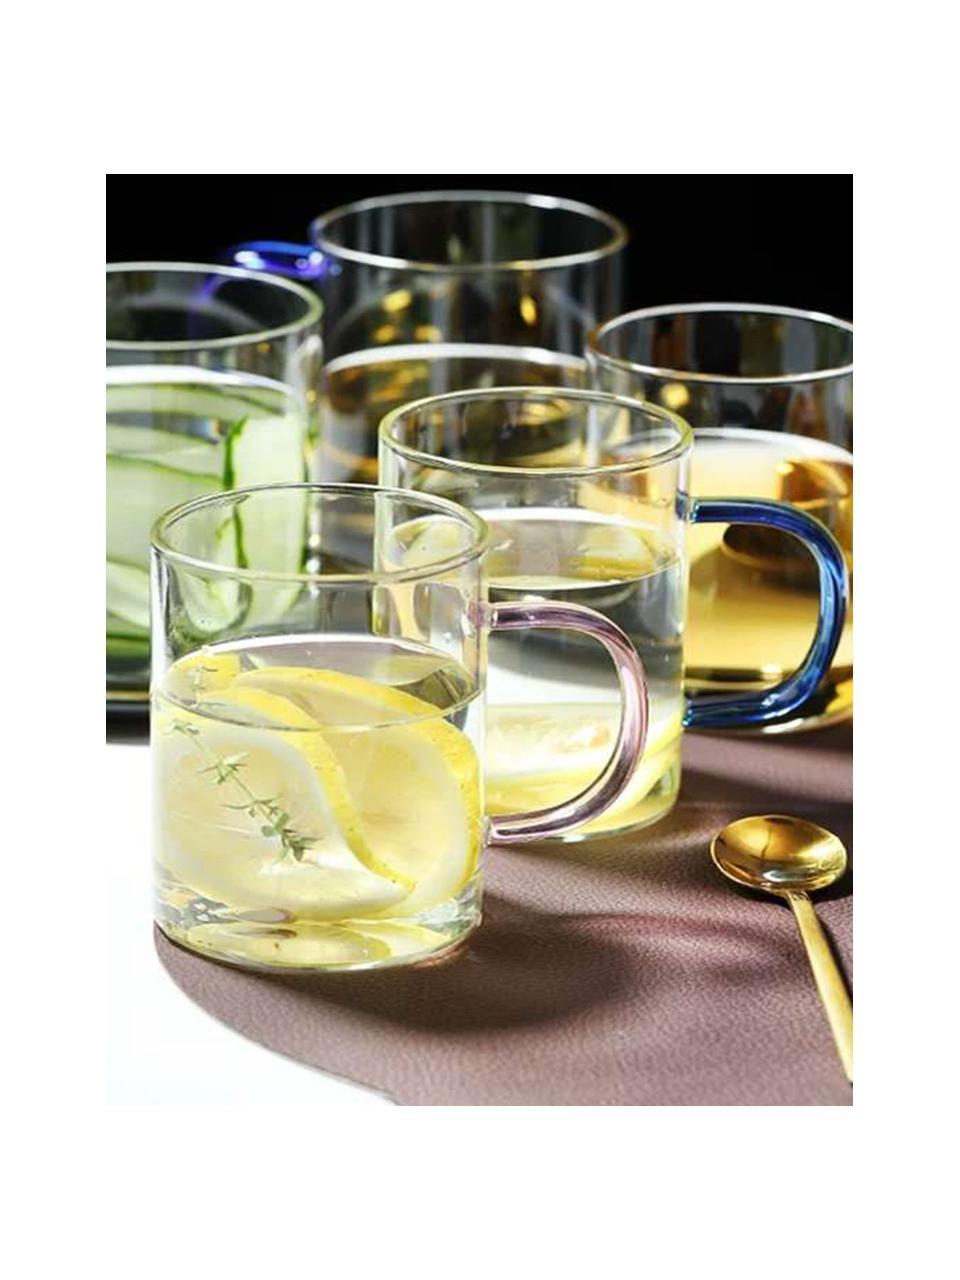 Glas-Tassen Colored mit bunten Henkeln, 6er-Set, Glas, Mehrfarbig, Ø 8 x H 10 cm